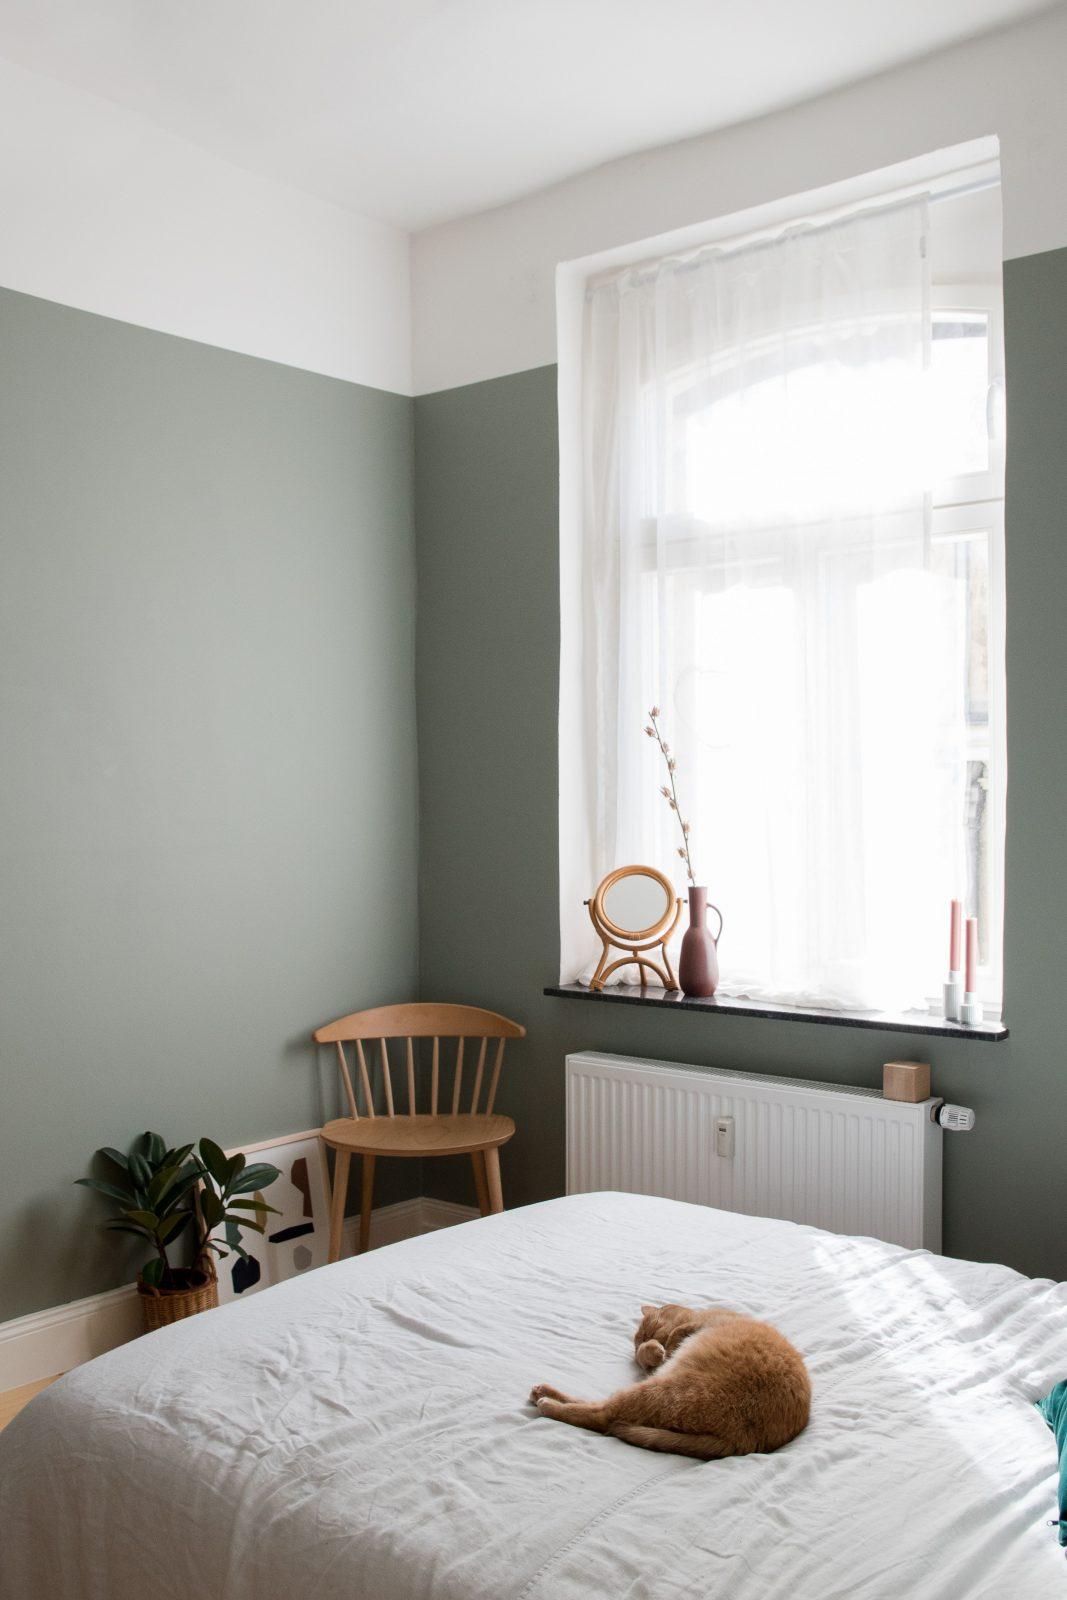 Das Ist Die Perfekte Wandfarbe Für Das Schlafzimmer + von Schlafzimmer Wandfarbe Ideen Photo